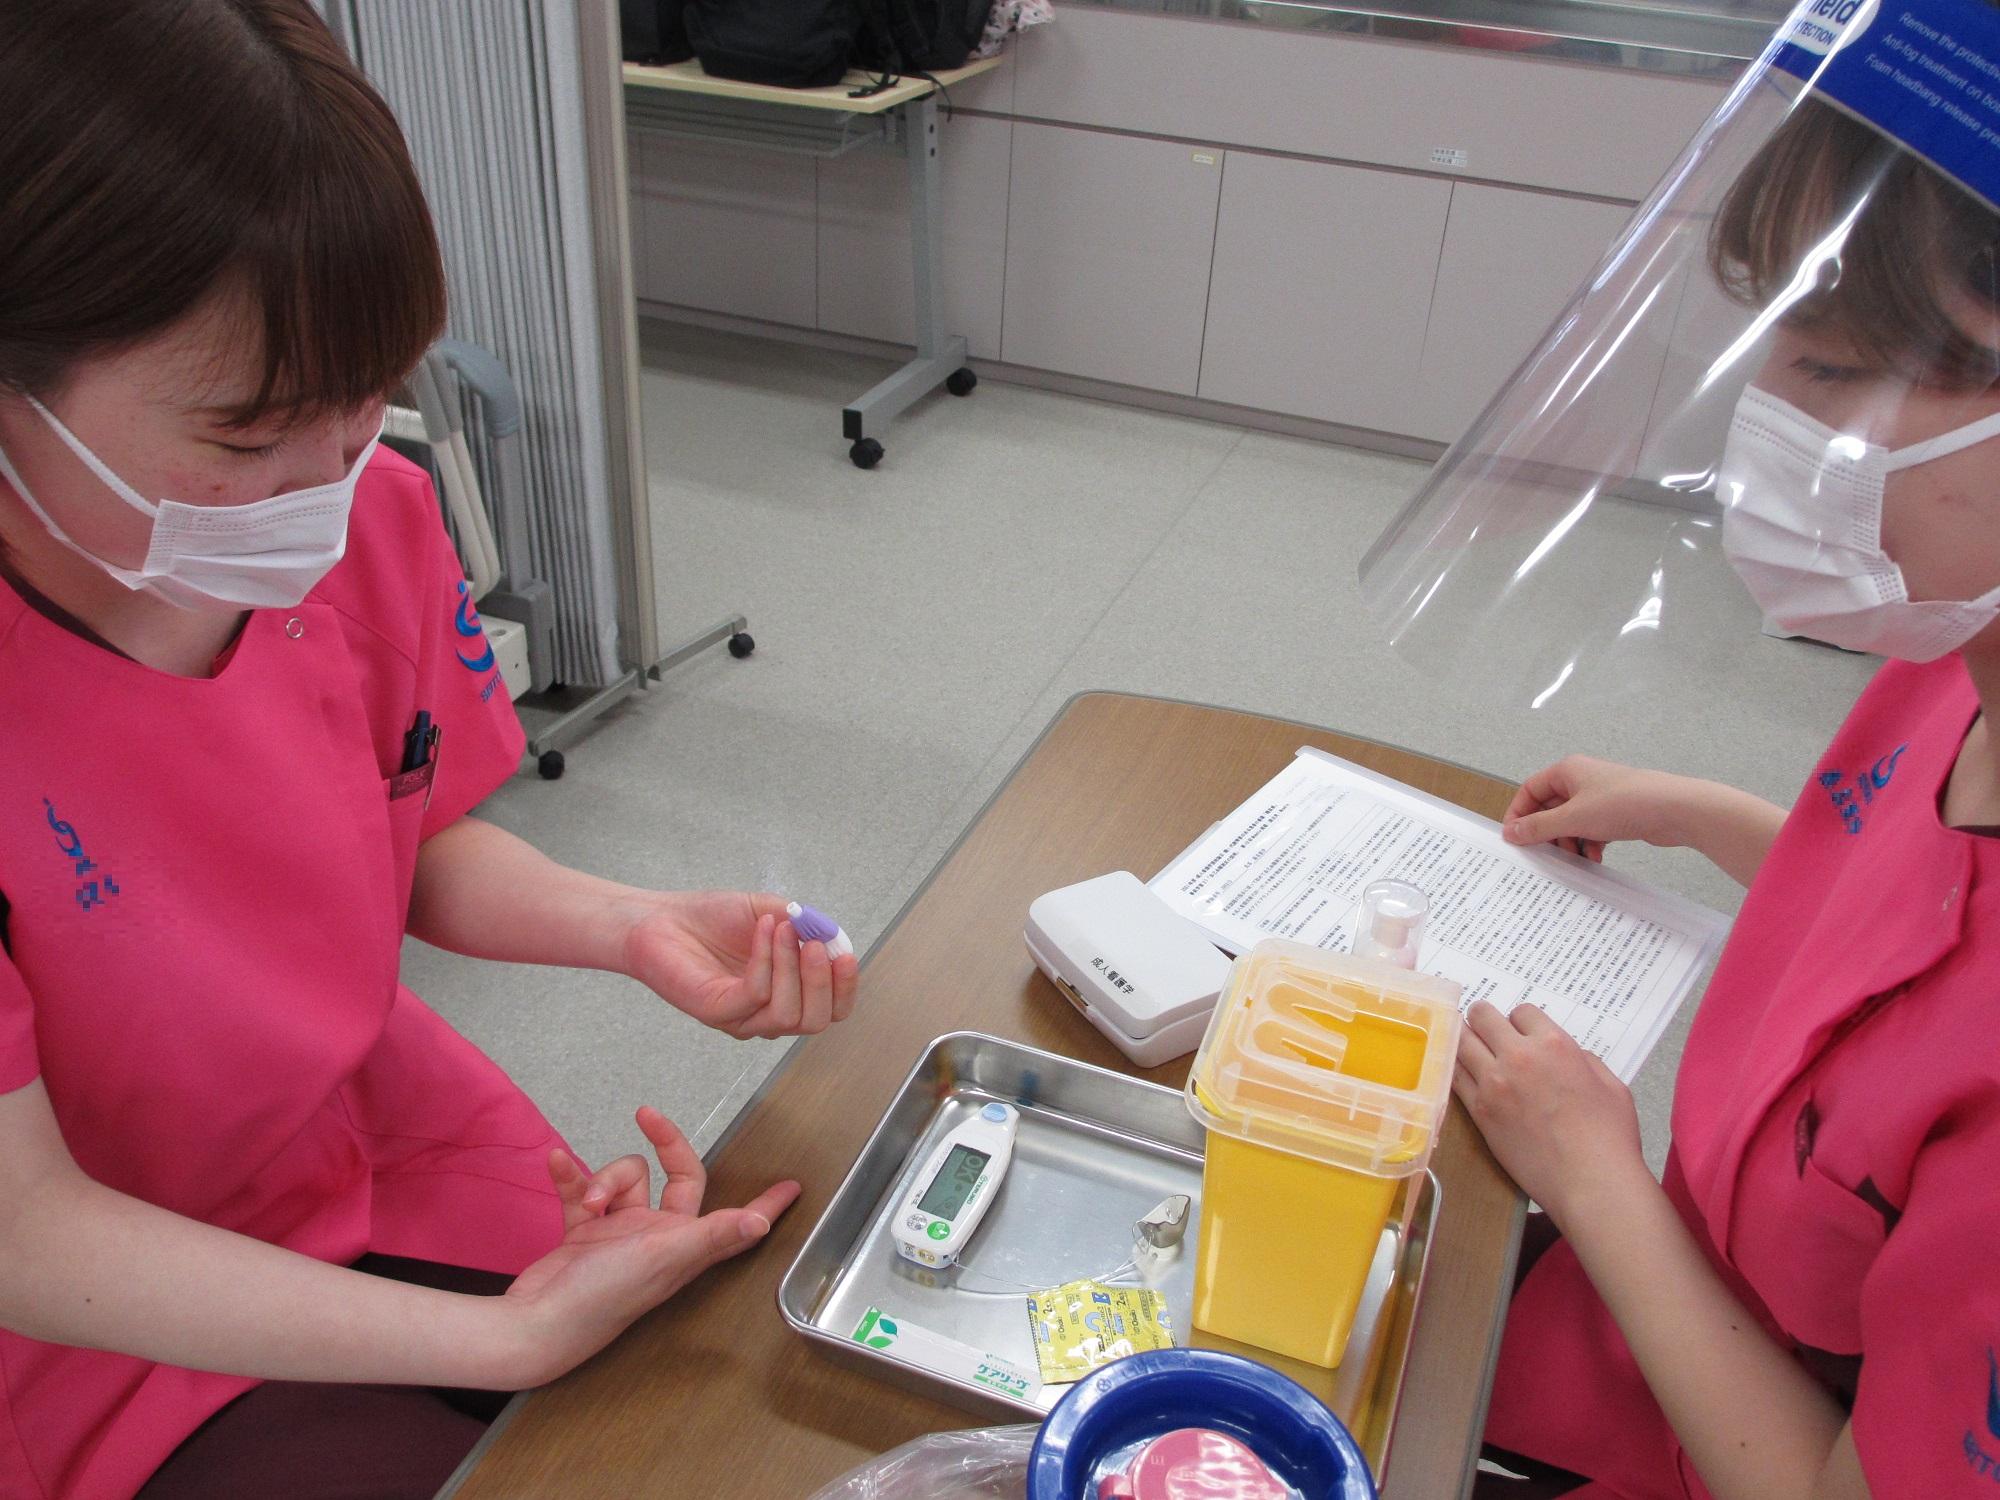 『これならできそうだ』 糖尿病患者が行う自己血糖測定の看護演習